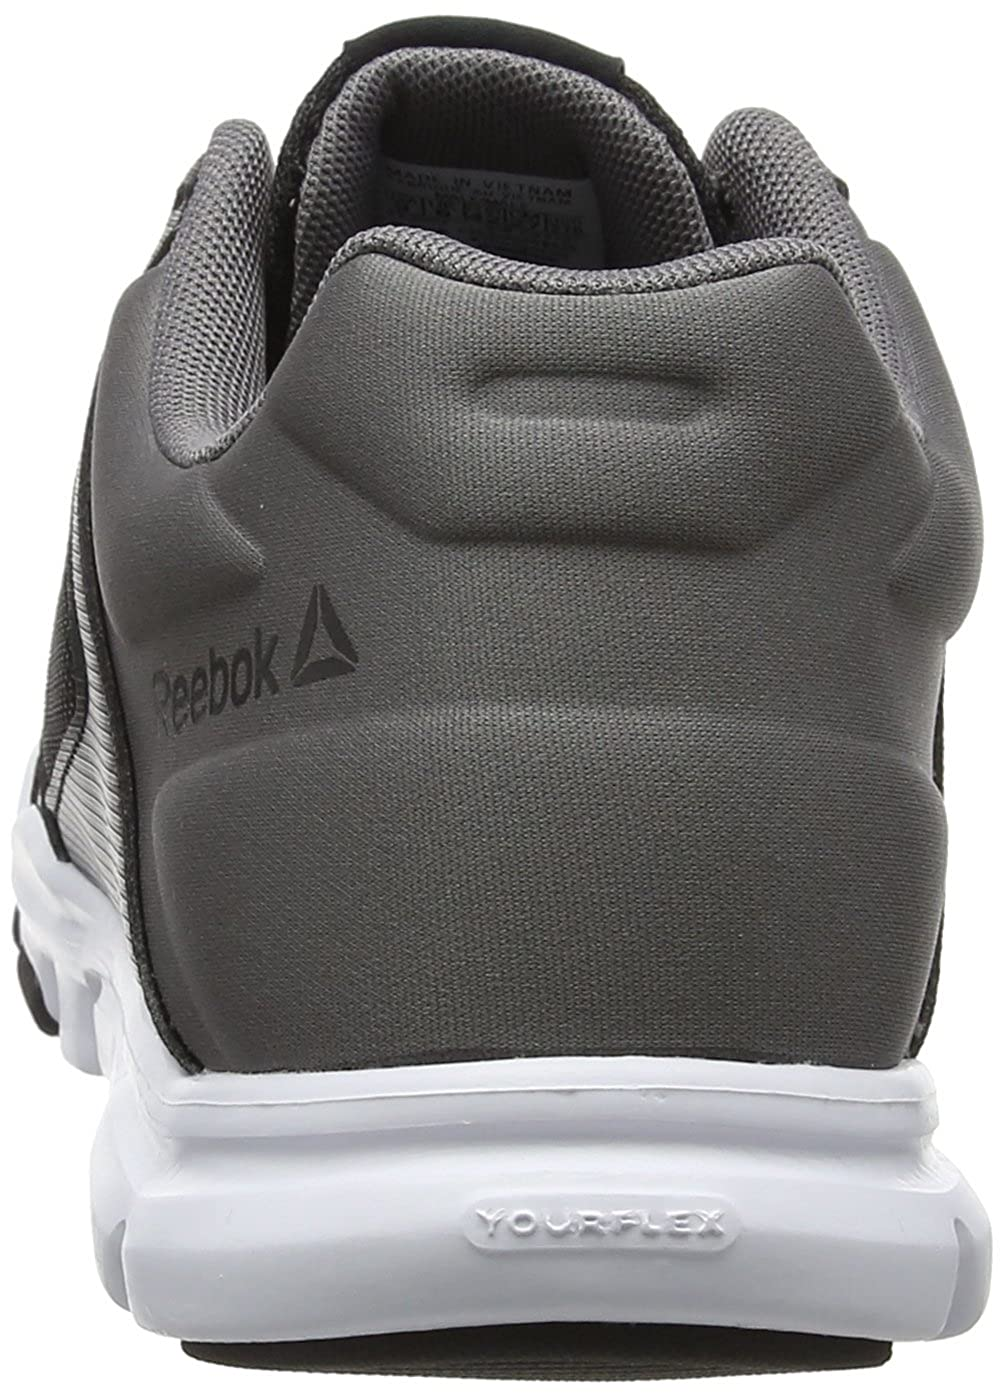 Reebok Yourflex Train 10 MT Zapatillas de Deporte para Hombre